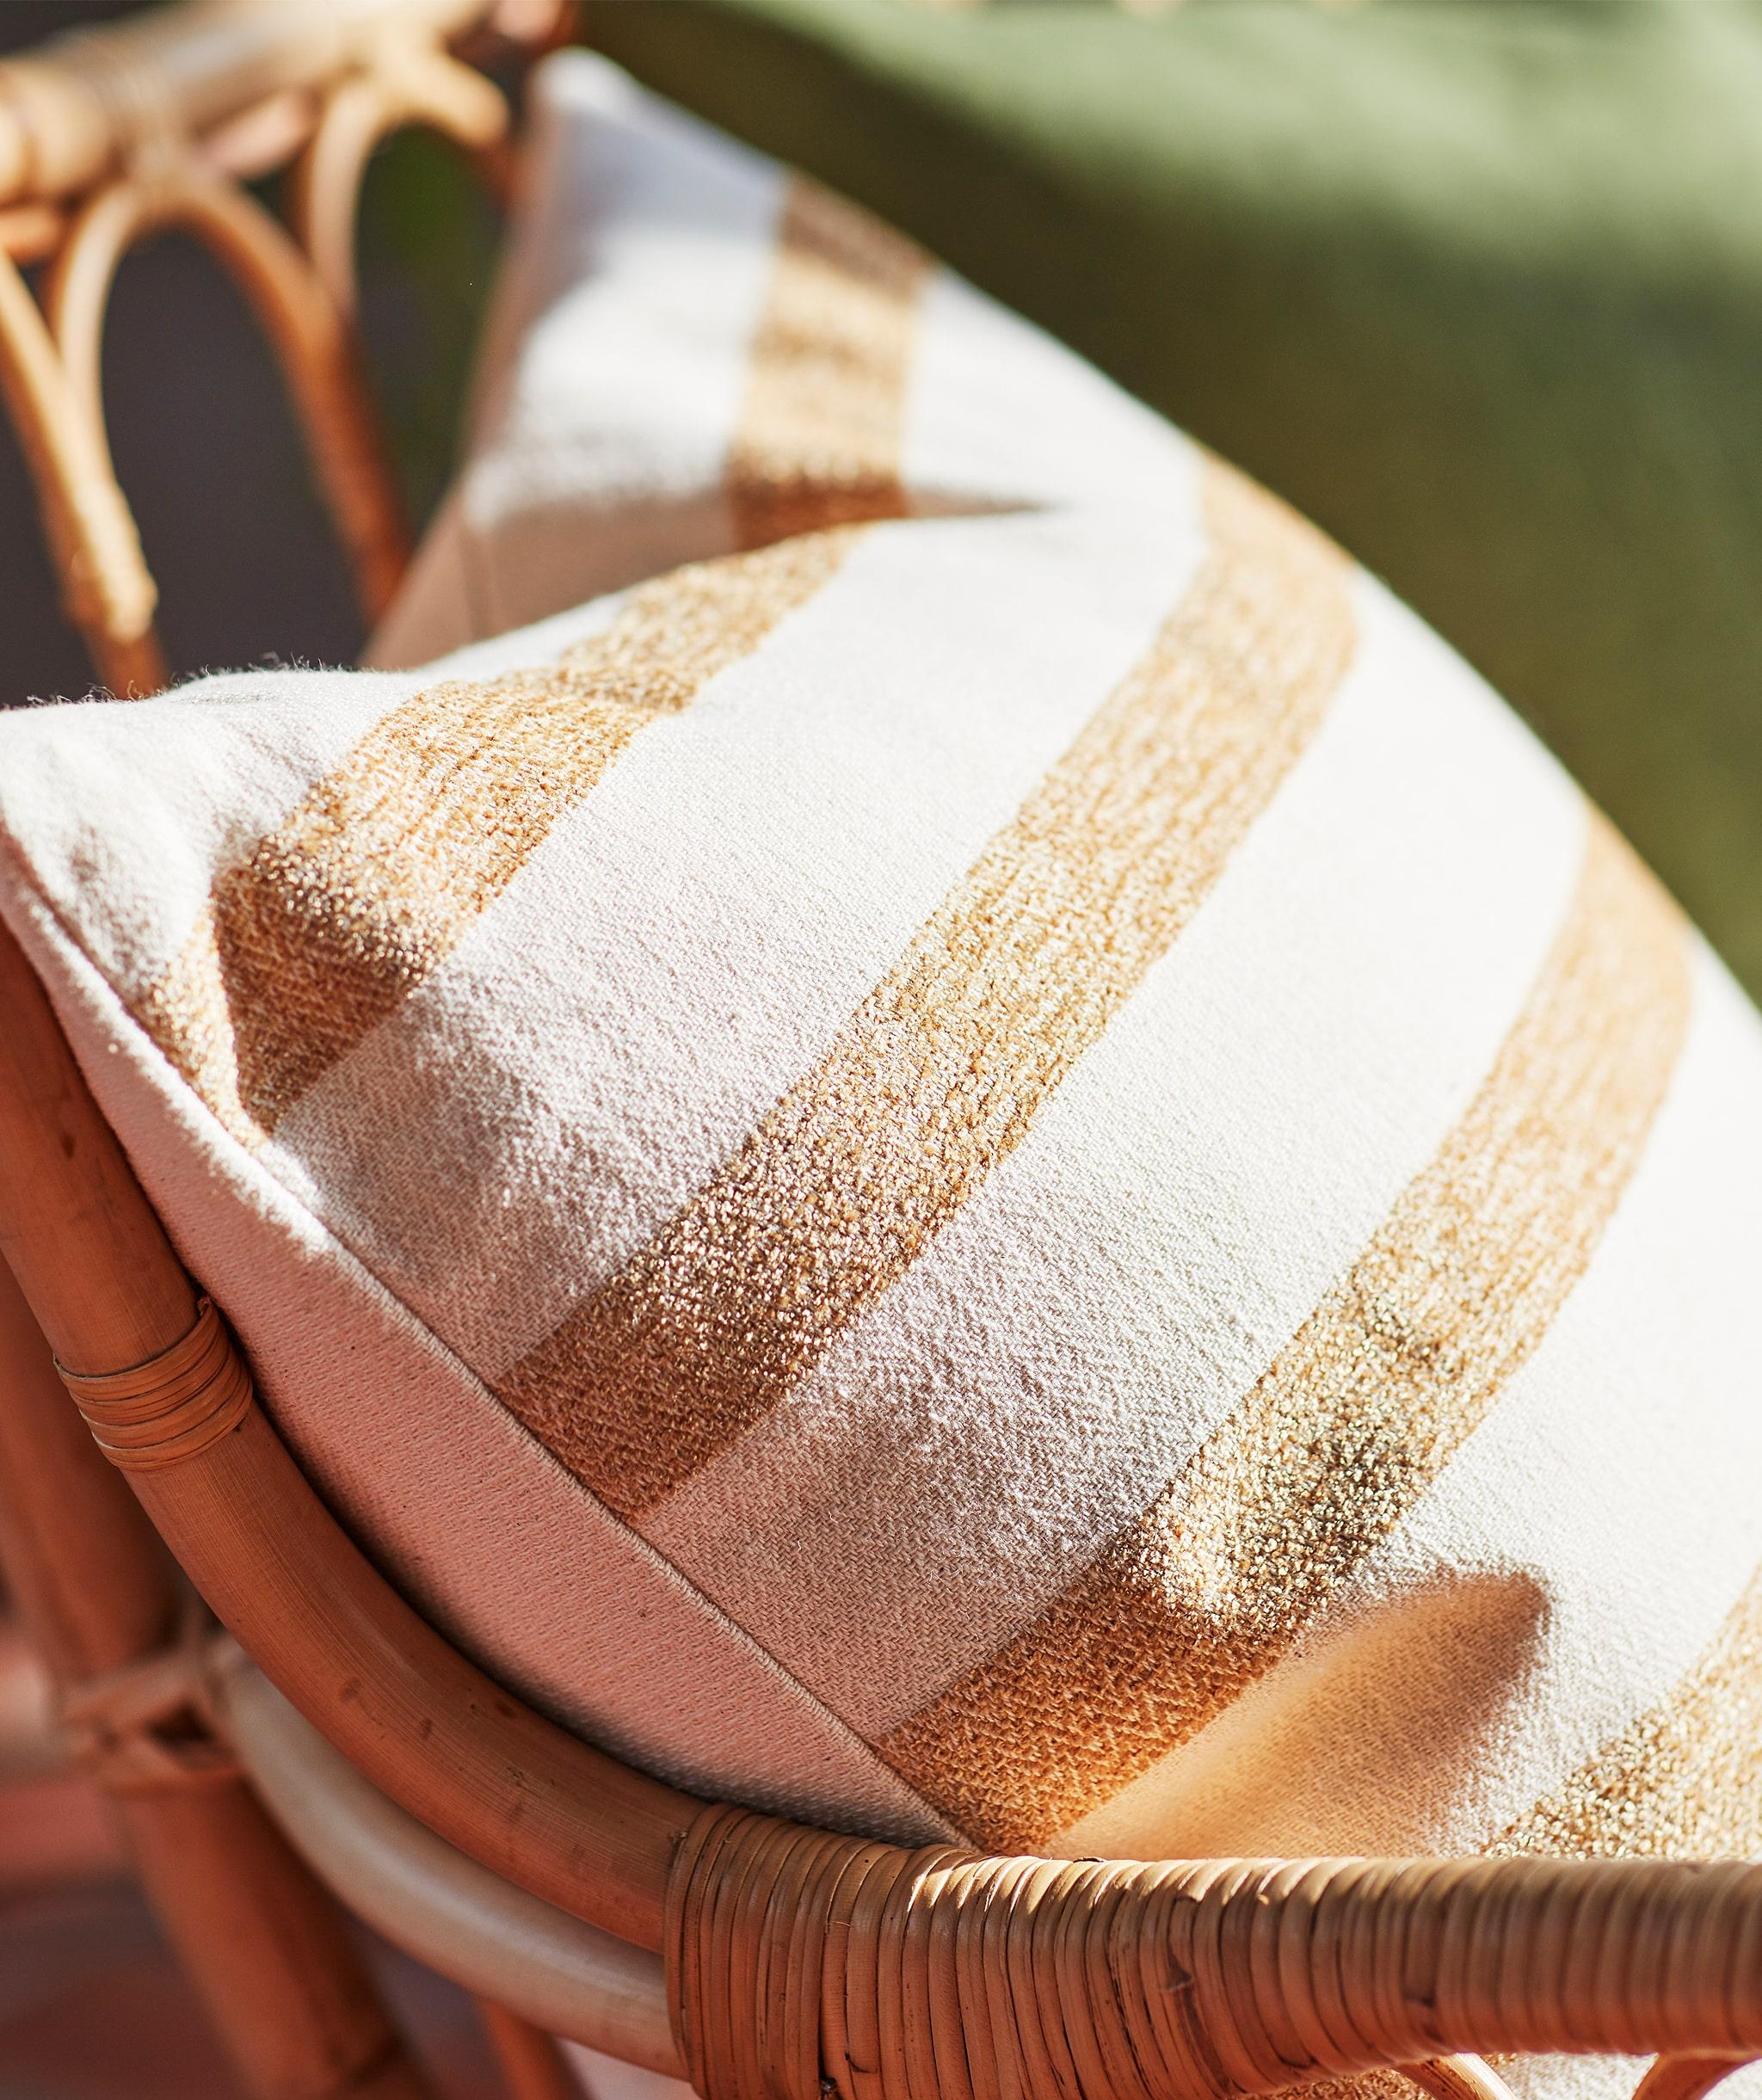 Tampilan bantal kapas bergaris-garis warna krem dan cokelat muda di kursi rotan.